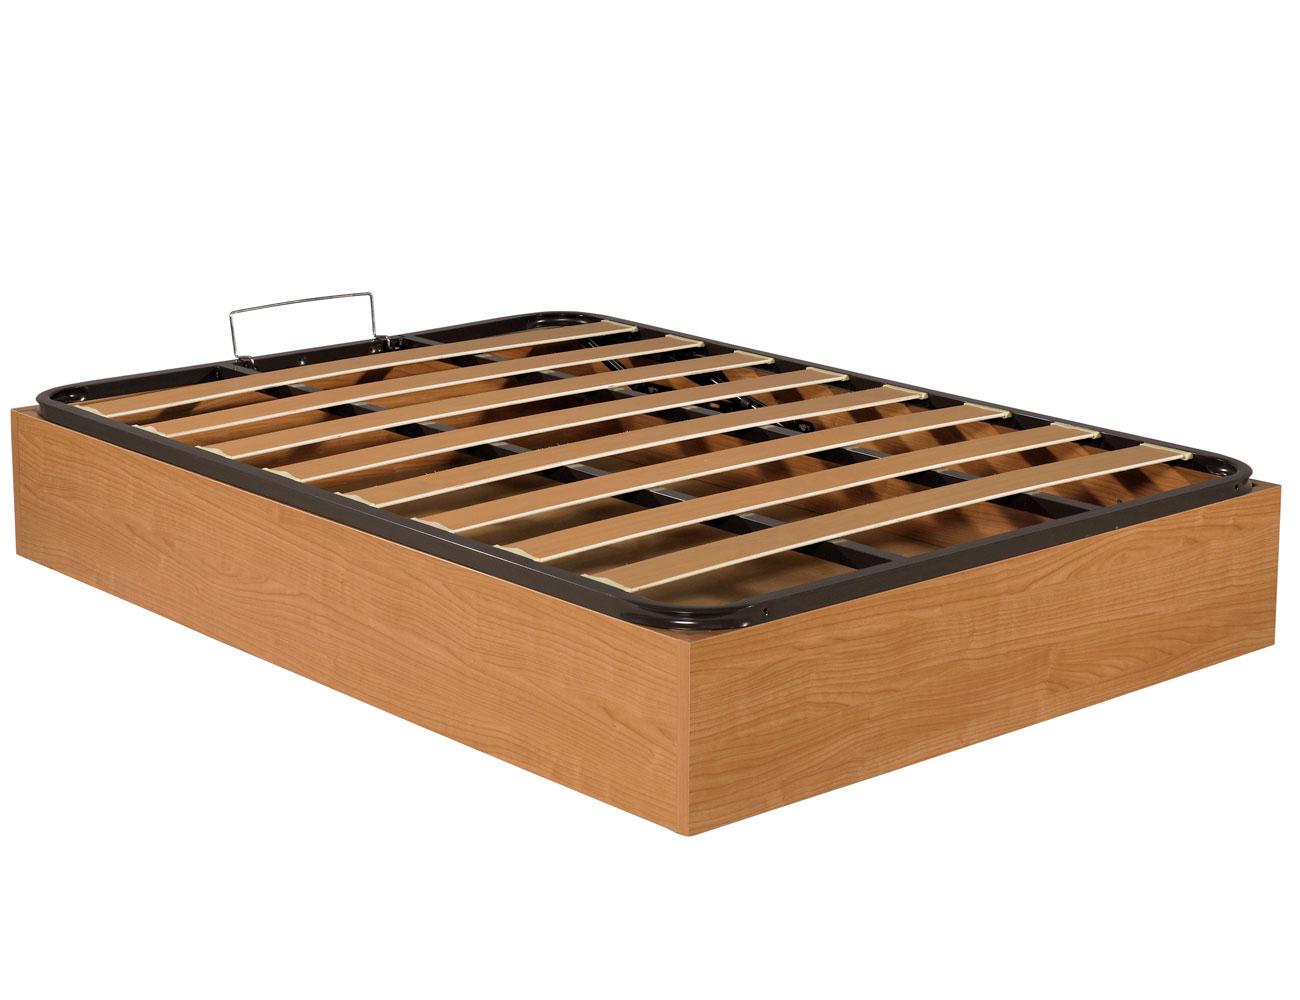 Canape madera somier basic nogal cerrado1